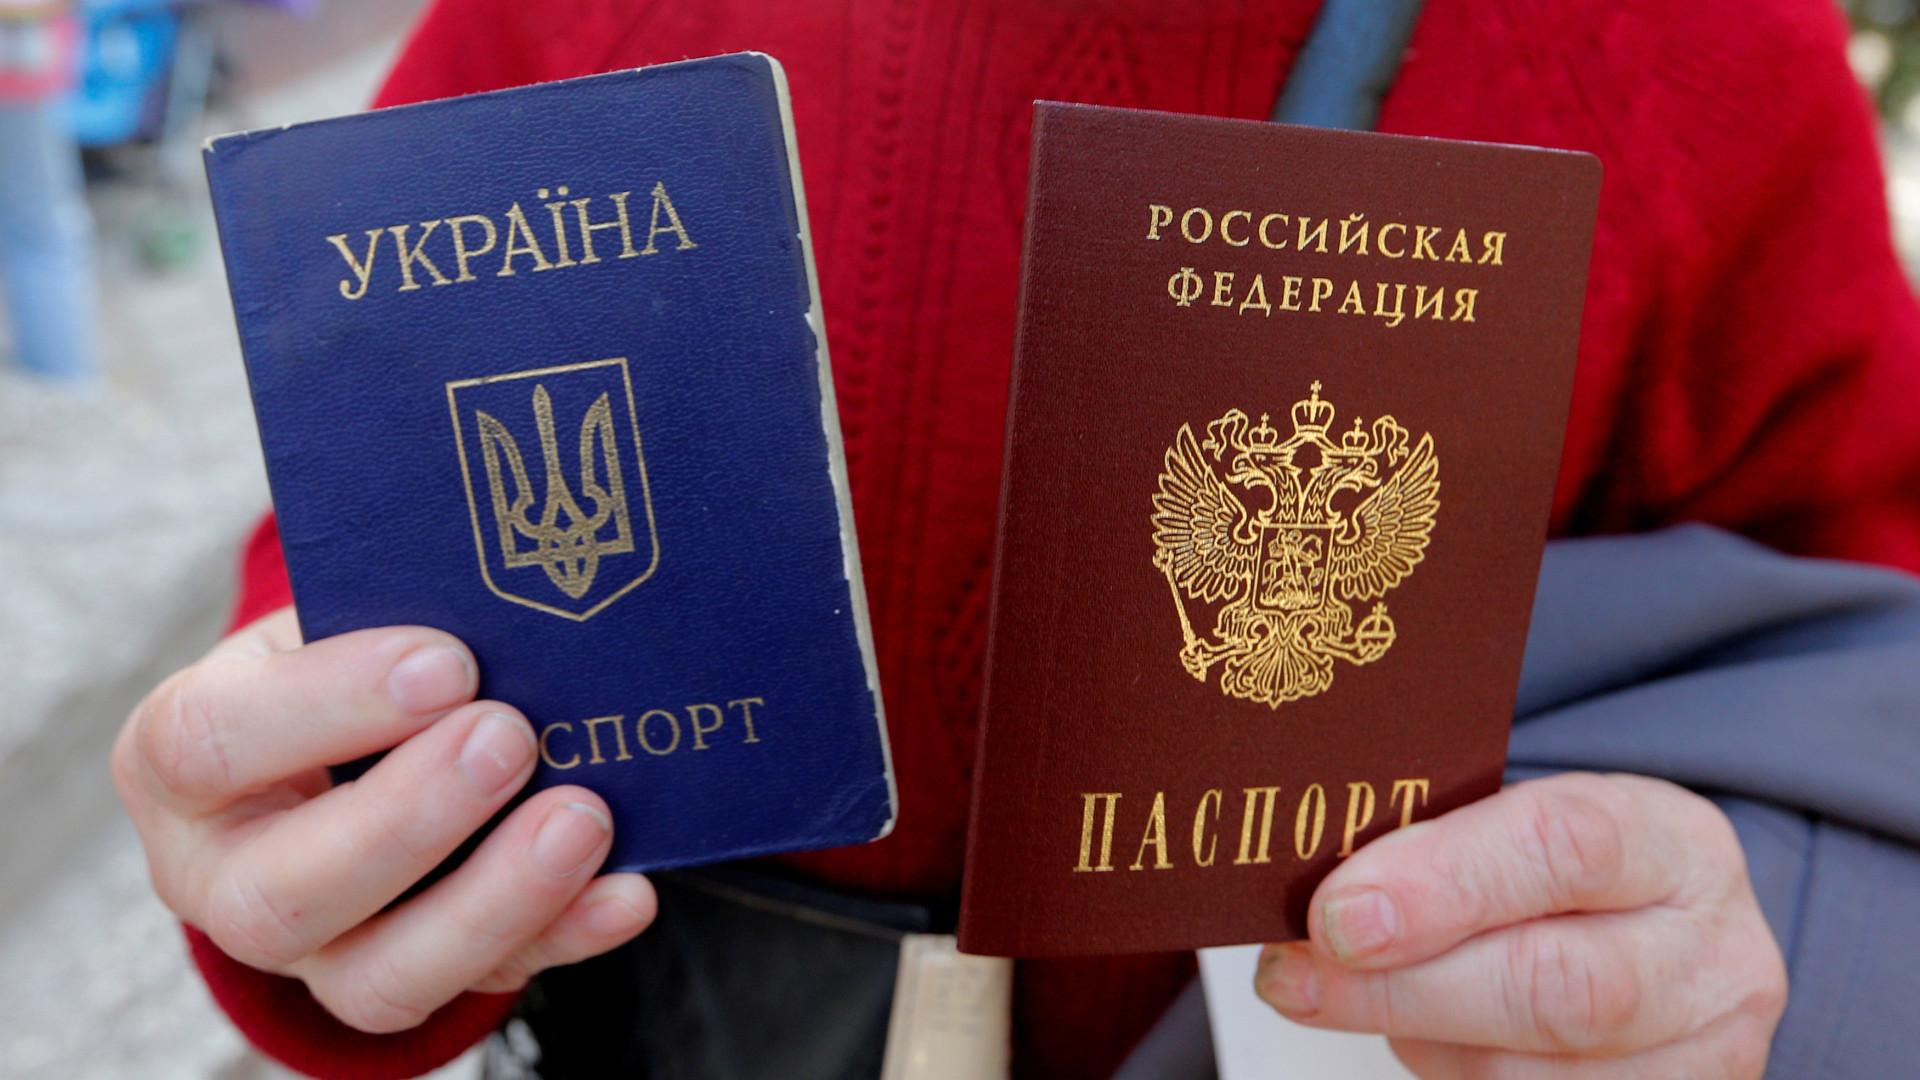 Crimeia vive limbo geopolítico cinco anos depois de anexação